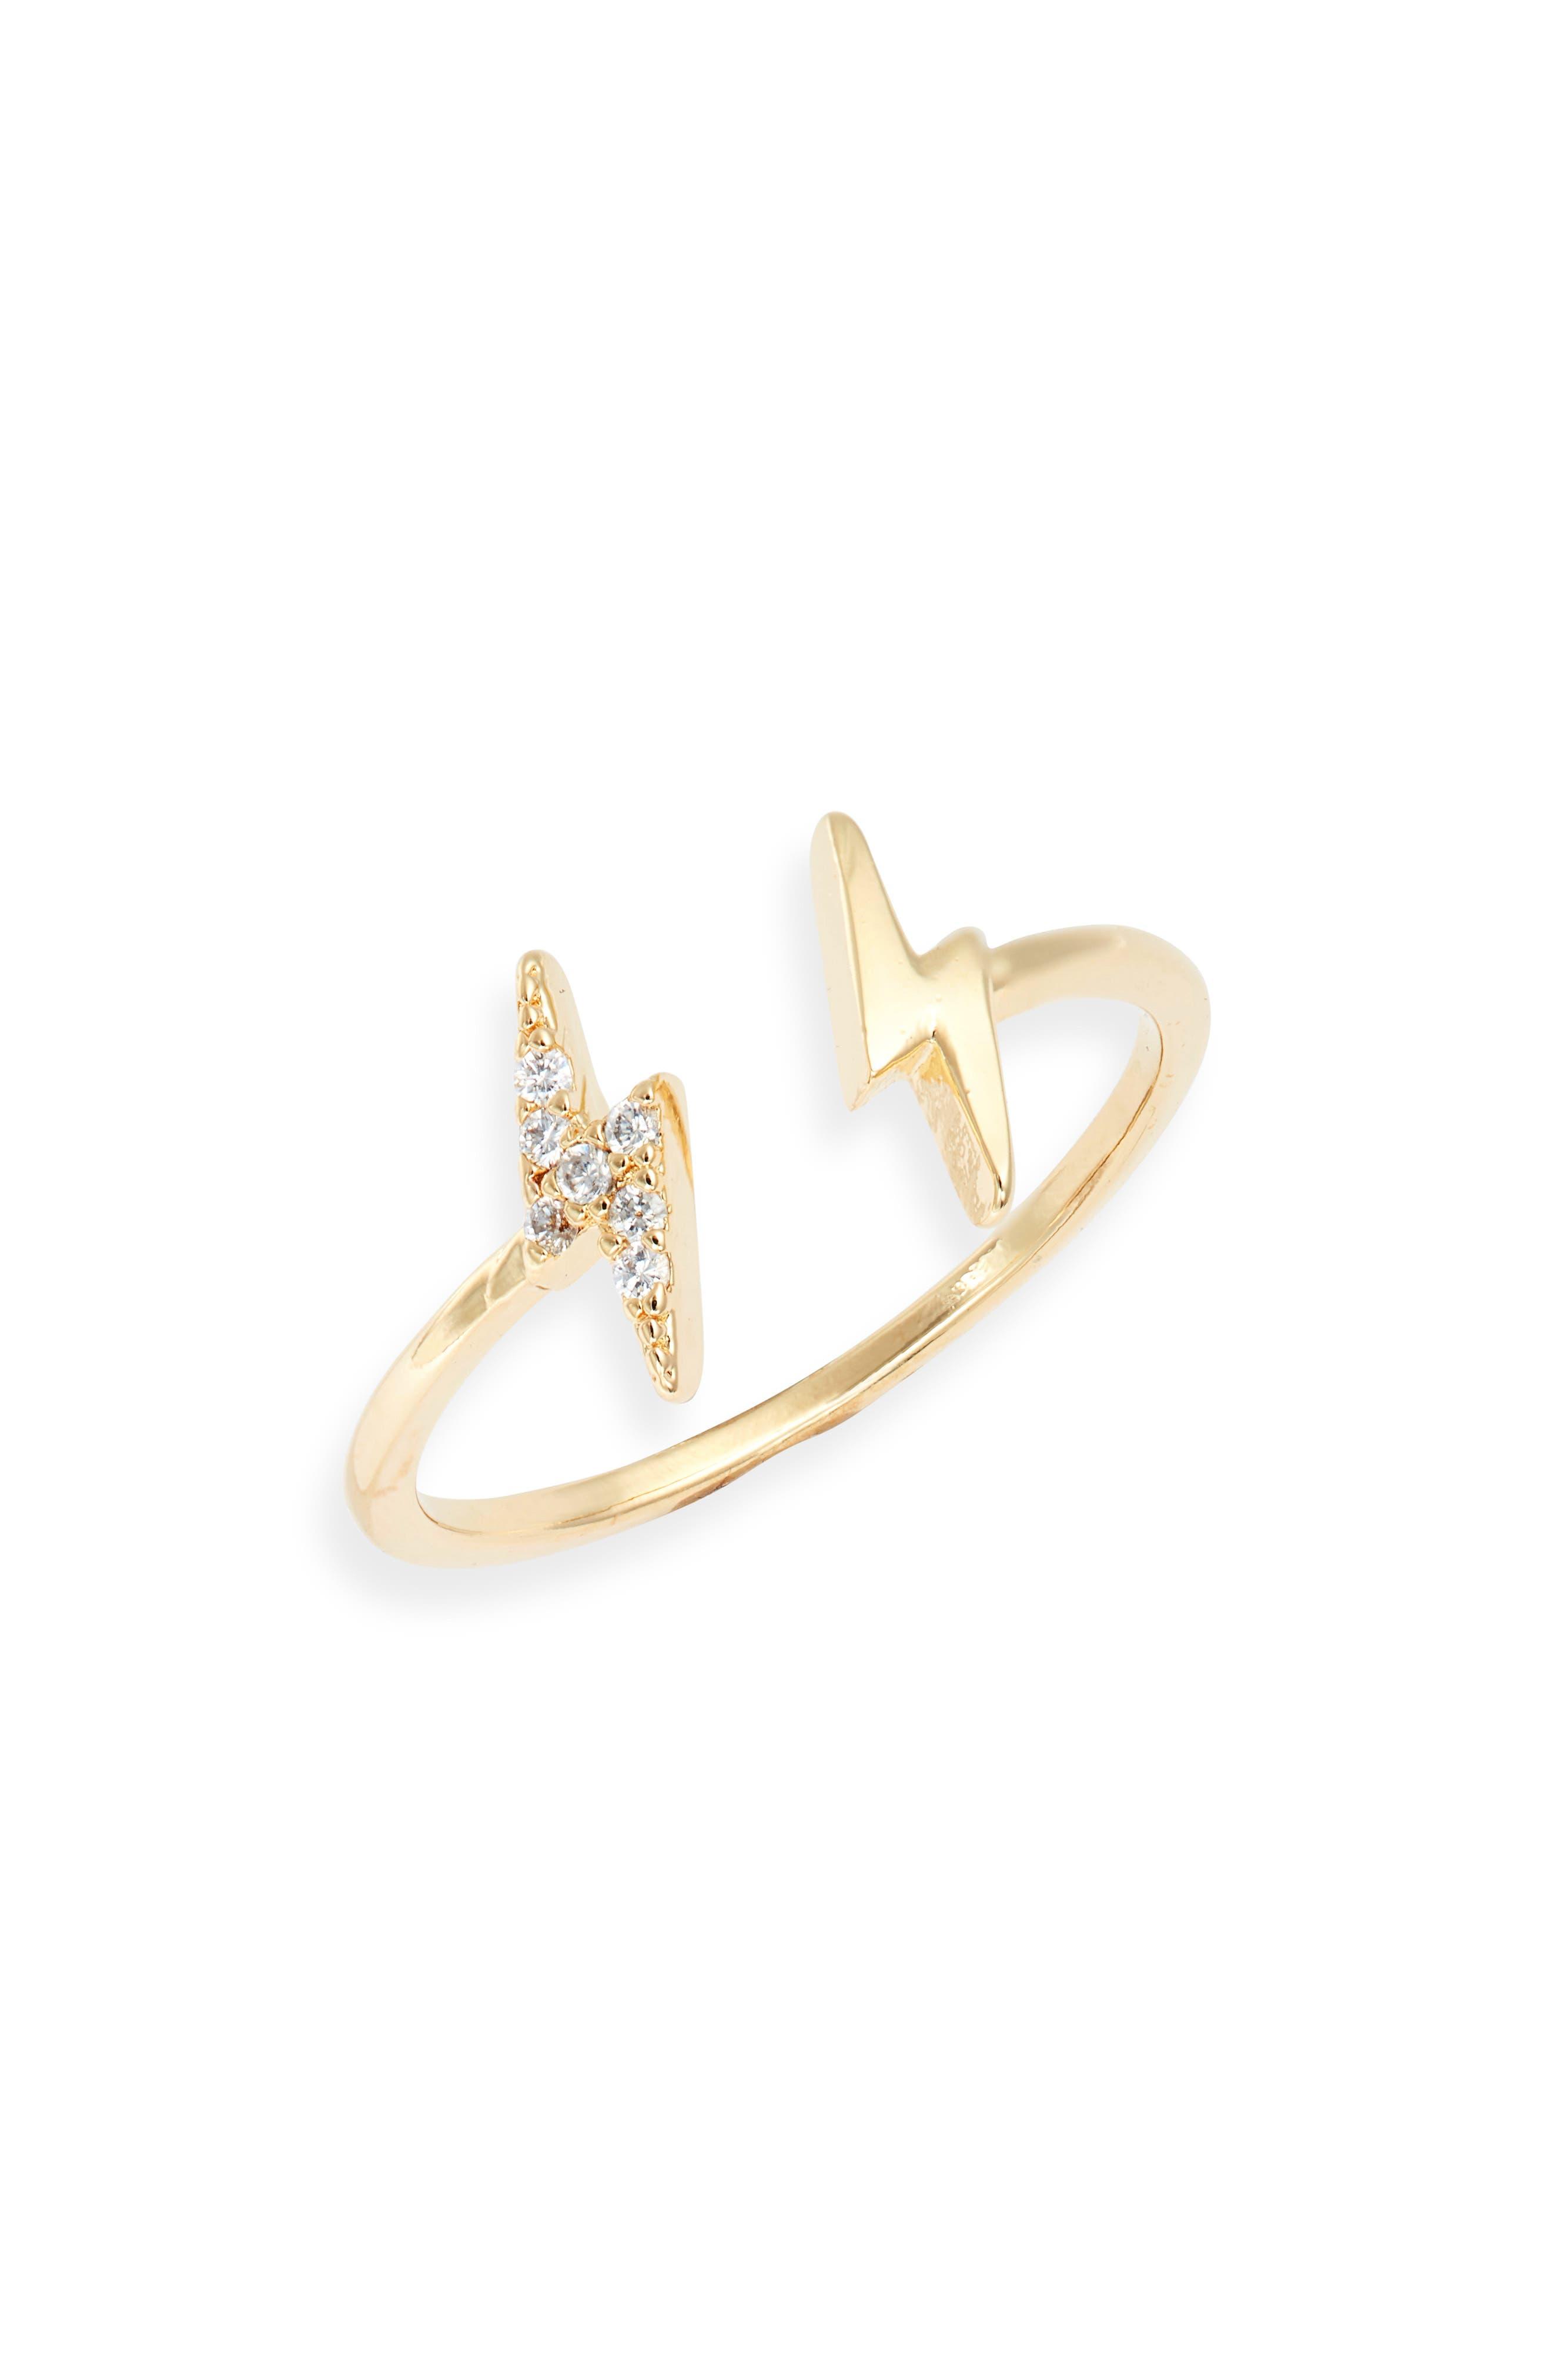 Bracha Lightning Bolt Adjustable Ring in Gold at Nordstrom